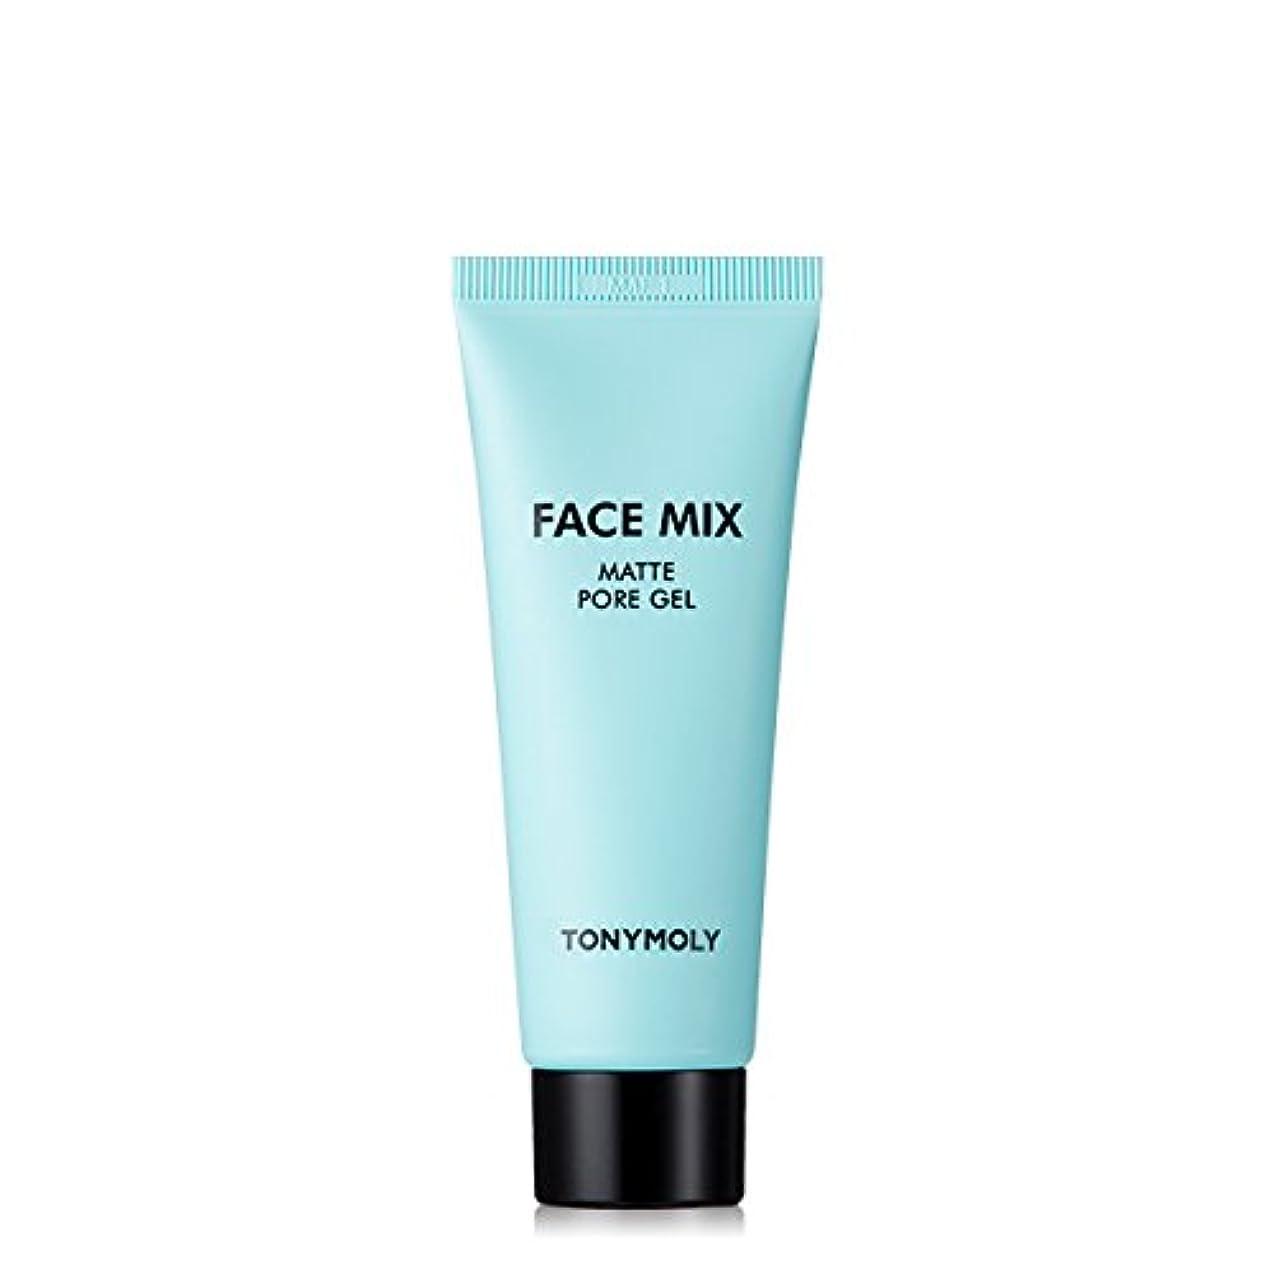 プラットフォームプット筋肉のTONYMOLY Face Mix Matte Pore Gel トニーモリーフェースミックスマットポアジェル [並行輸入品]